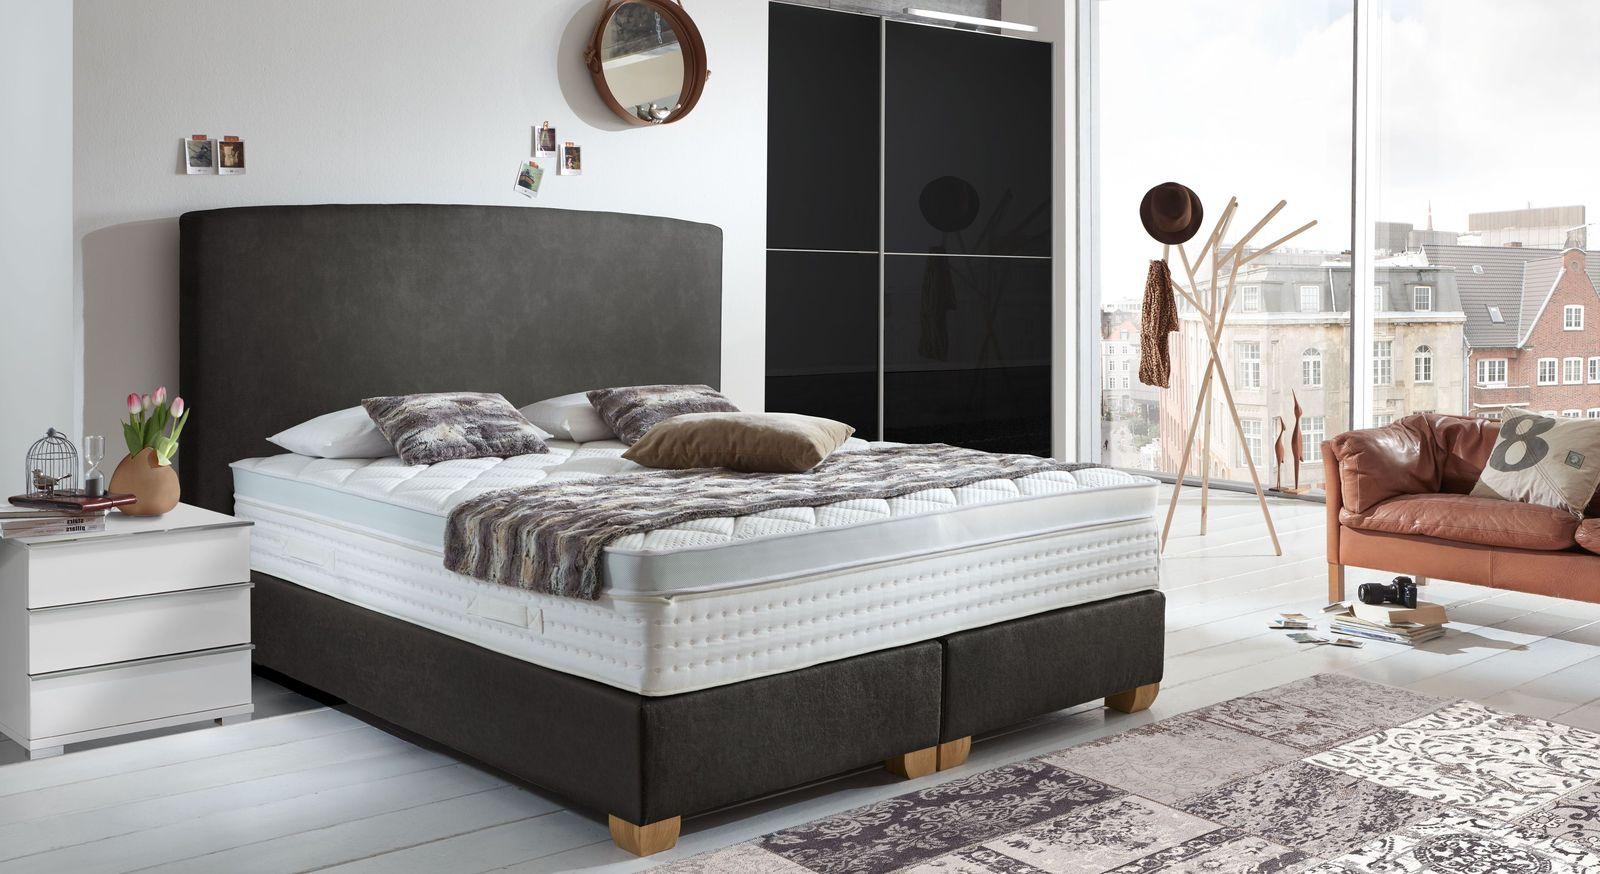 Schlafzimmer in Schwarz und Weiß mit Boxspringbett - Nottingham